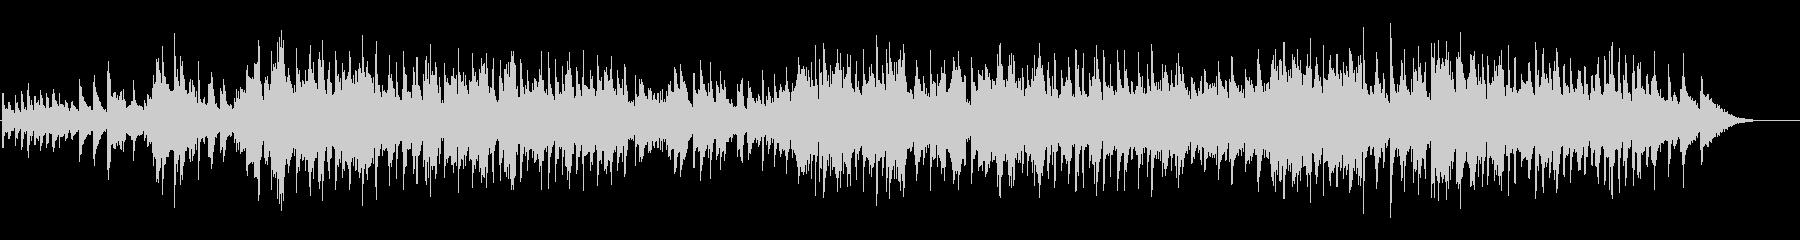 ジェントル&メローなジャズ・バラードの未再生の波形